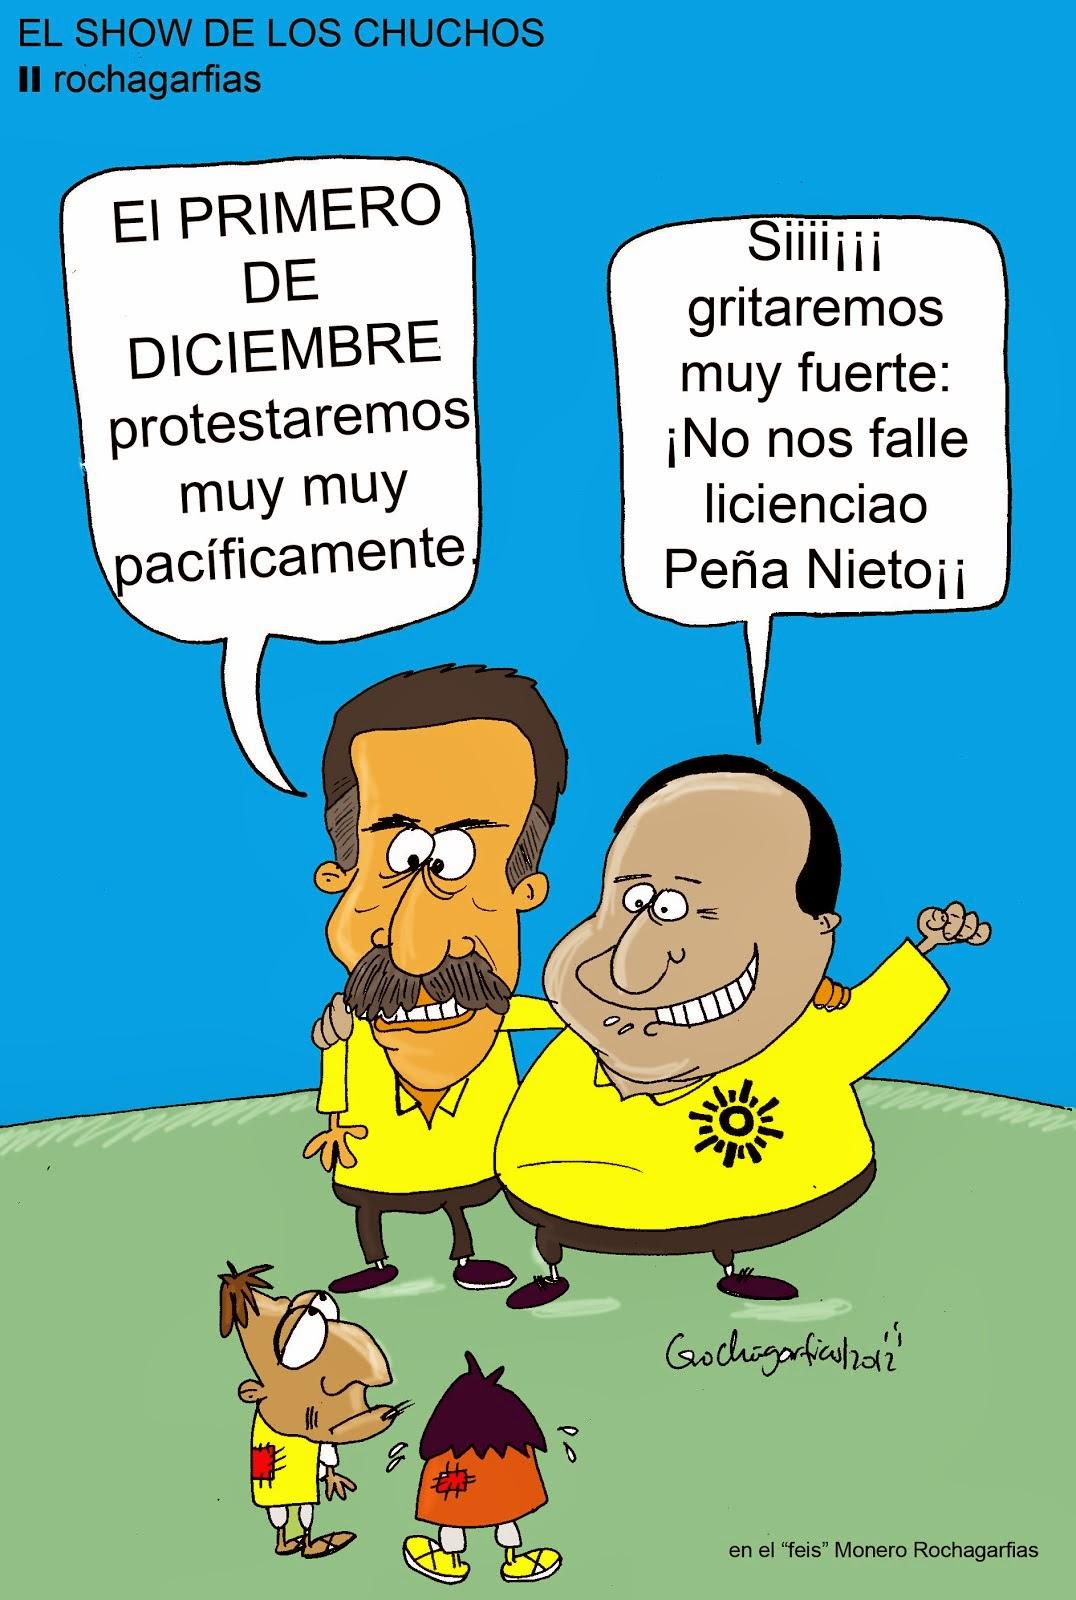 El Show de los Chuchos en el PRD.